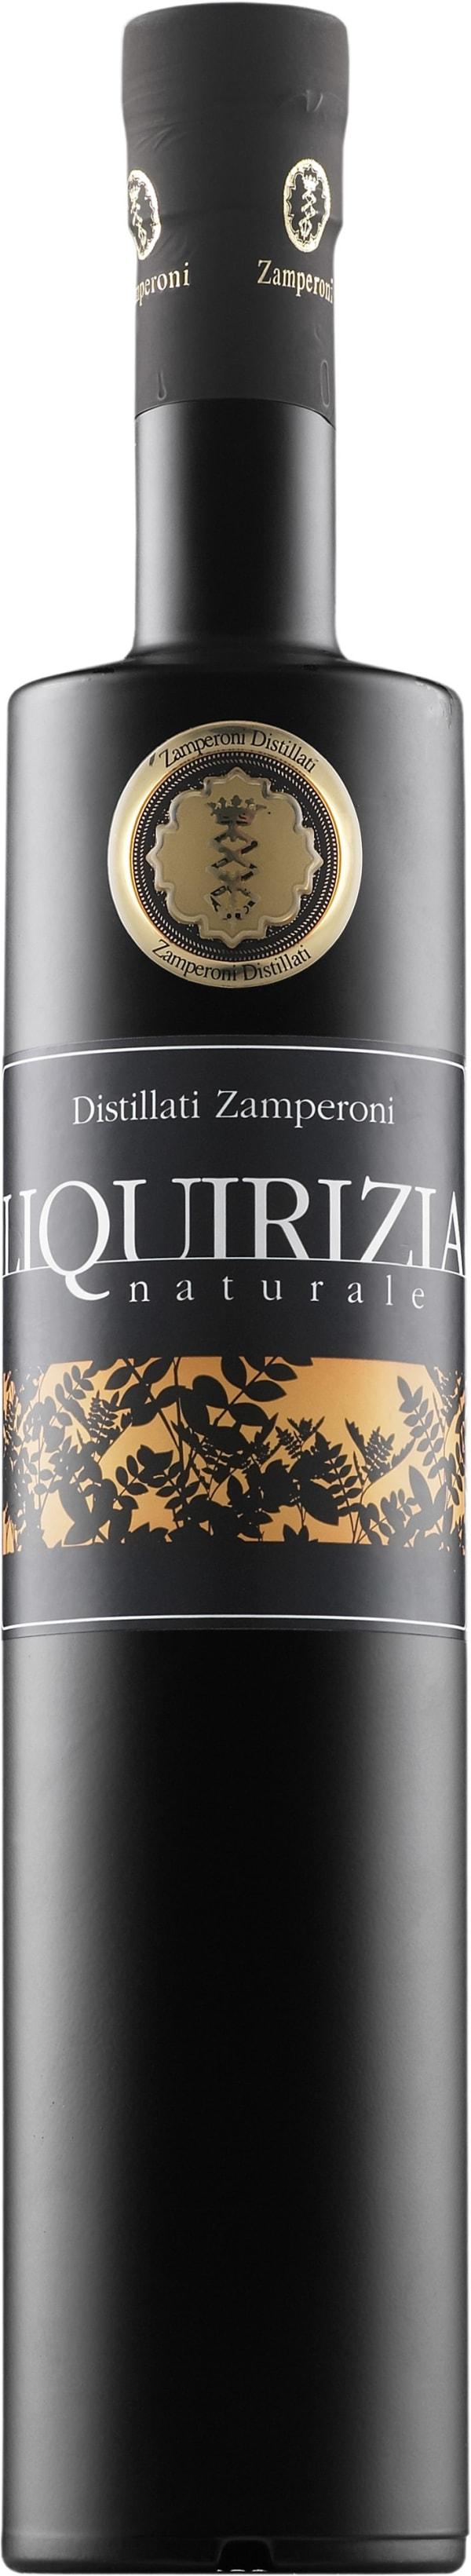 Zamperoni Liquirizia Naturale